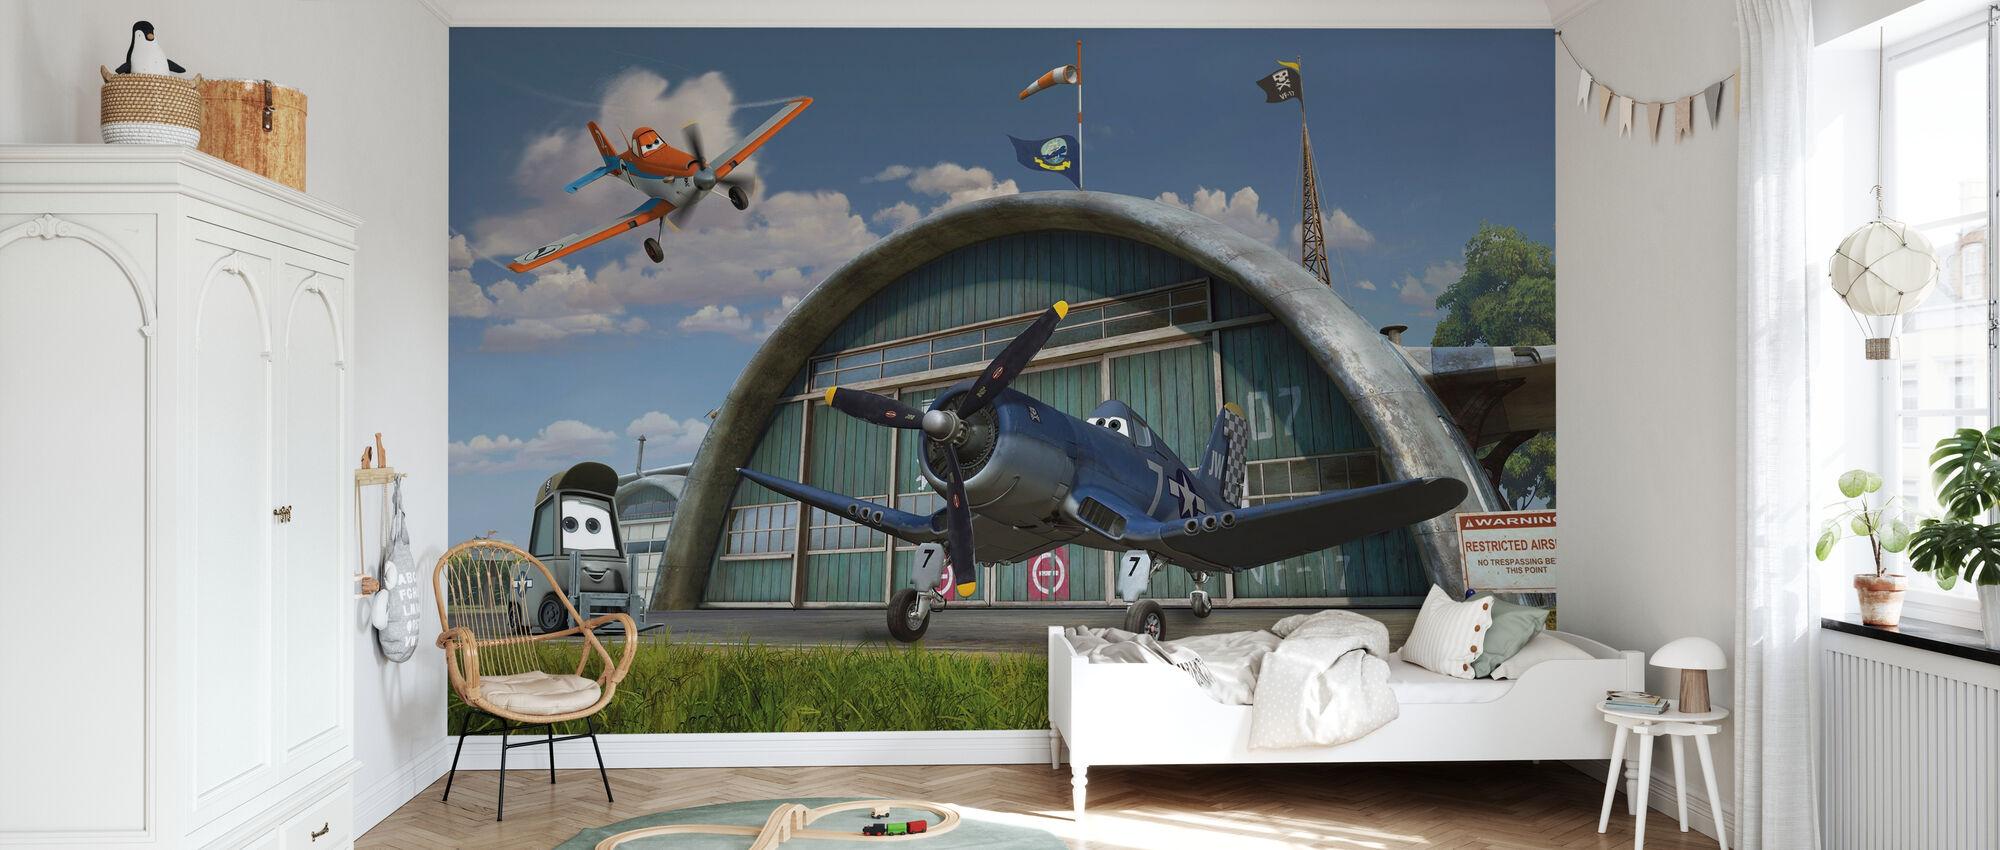 Lentokoneet - Dusty ja Kippari Riley - Tapetti - Lastenhuone